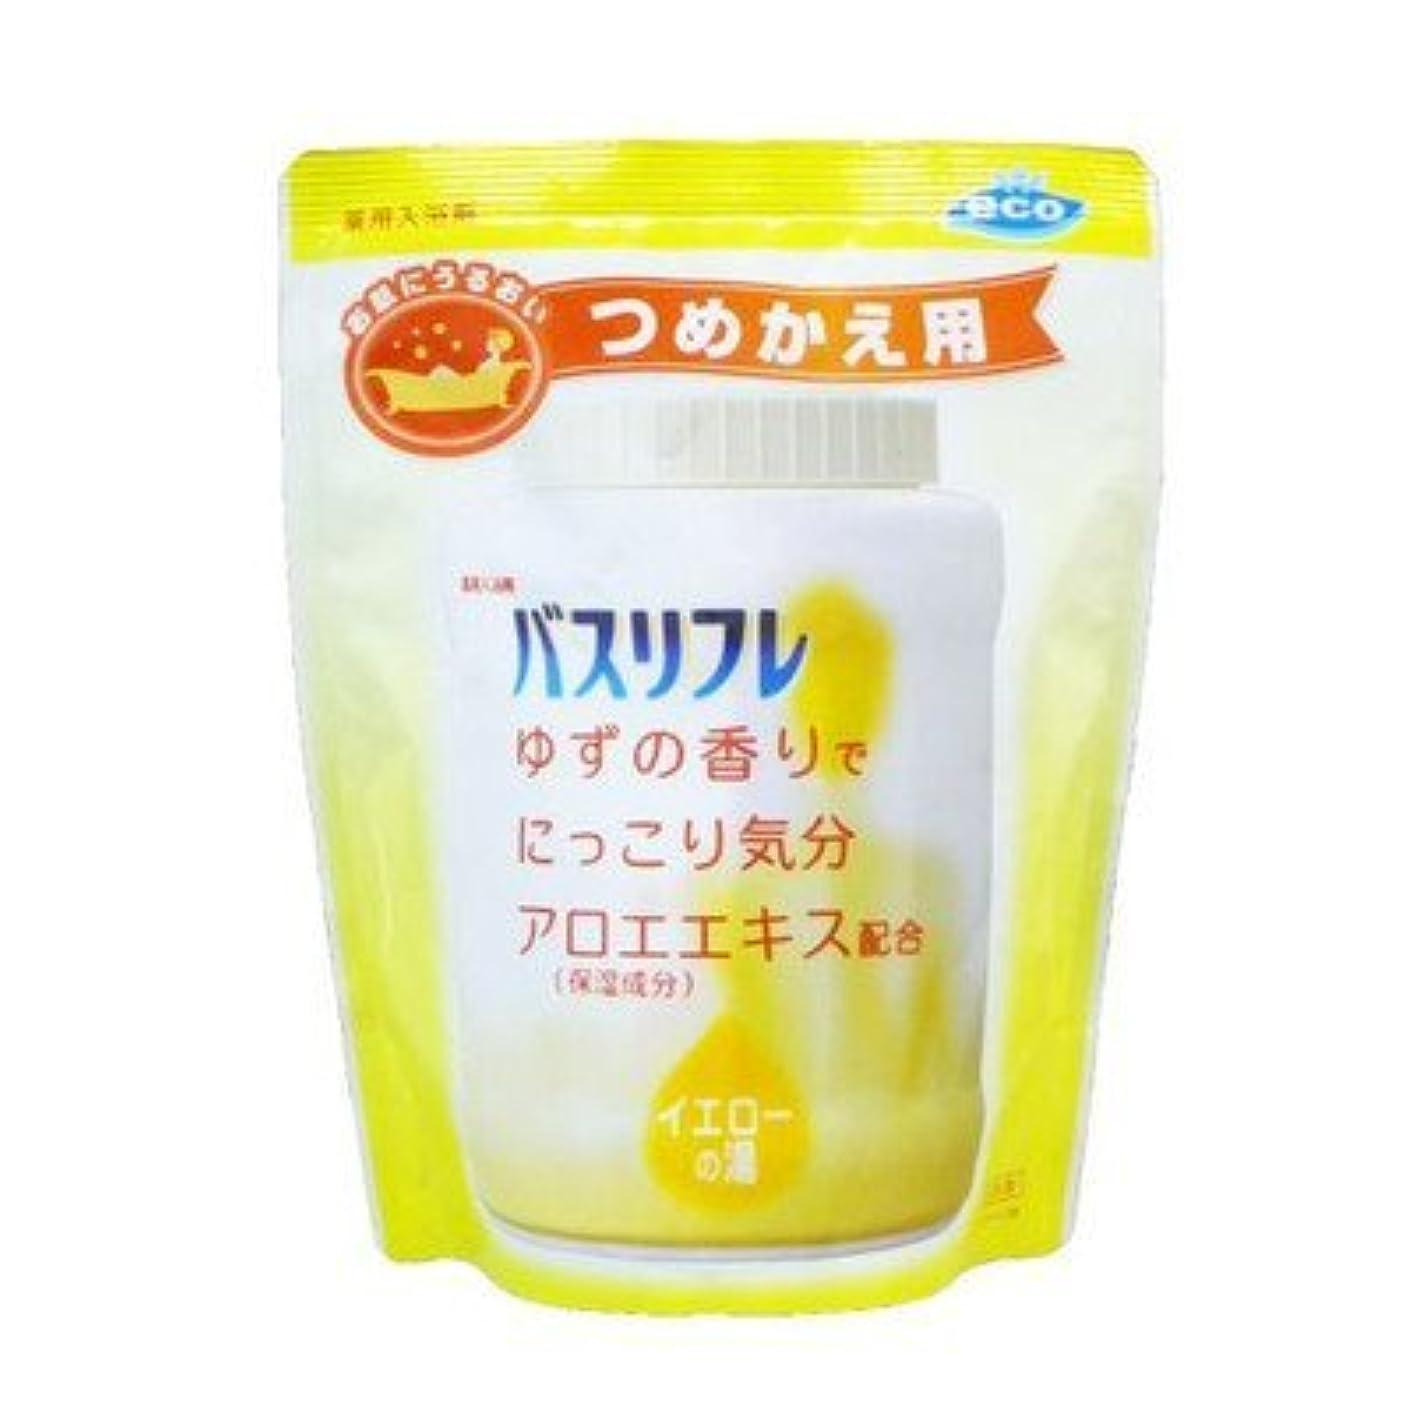 注入真実にシャーロックホームズ薬用入浴剤 バスリフレ イエローの湯 つめかえ用 540g ゆずの香り (ライオンケミカル) Japan